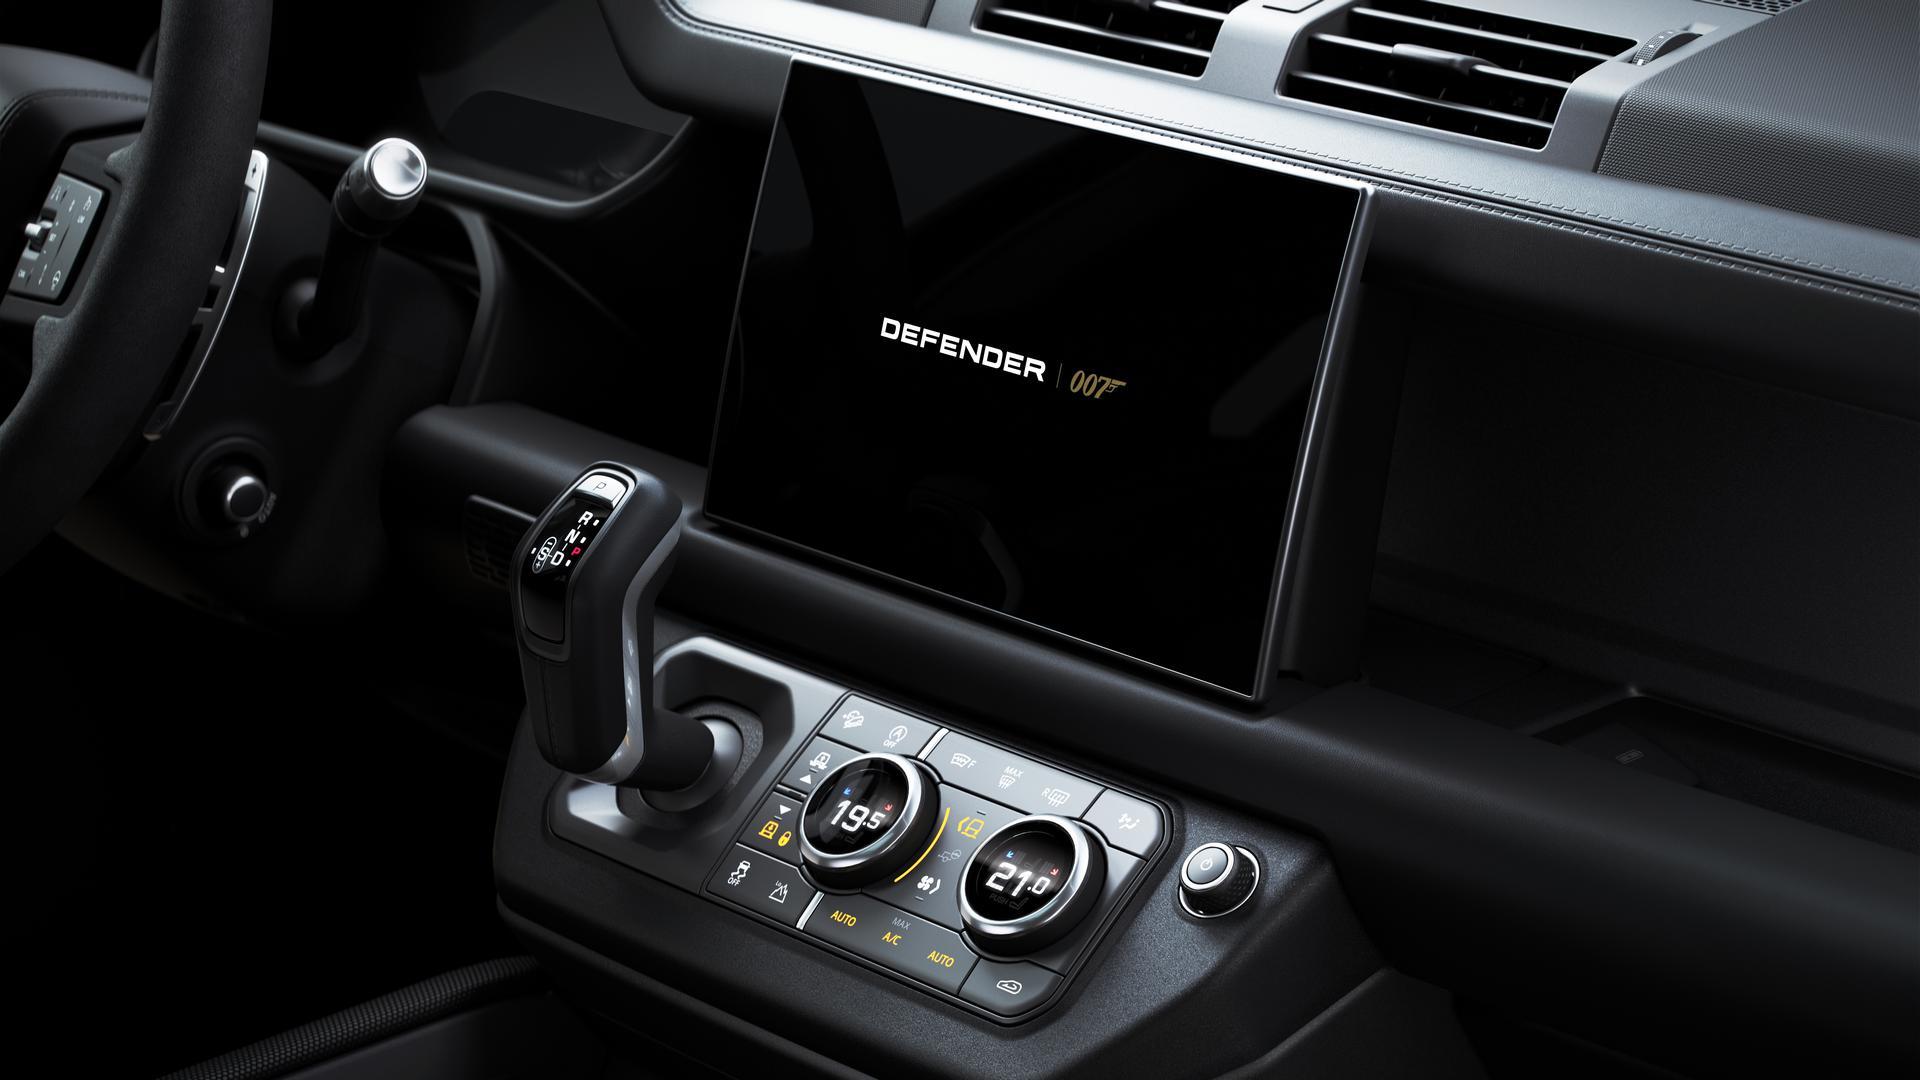 Land Rover Defender V8 Bond Edition interior